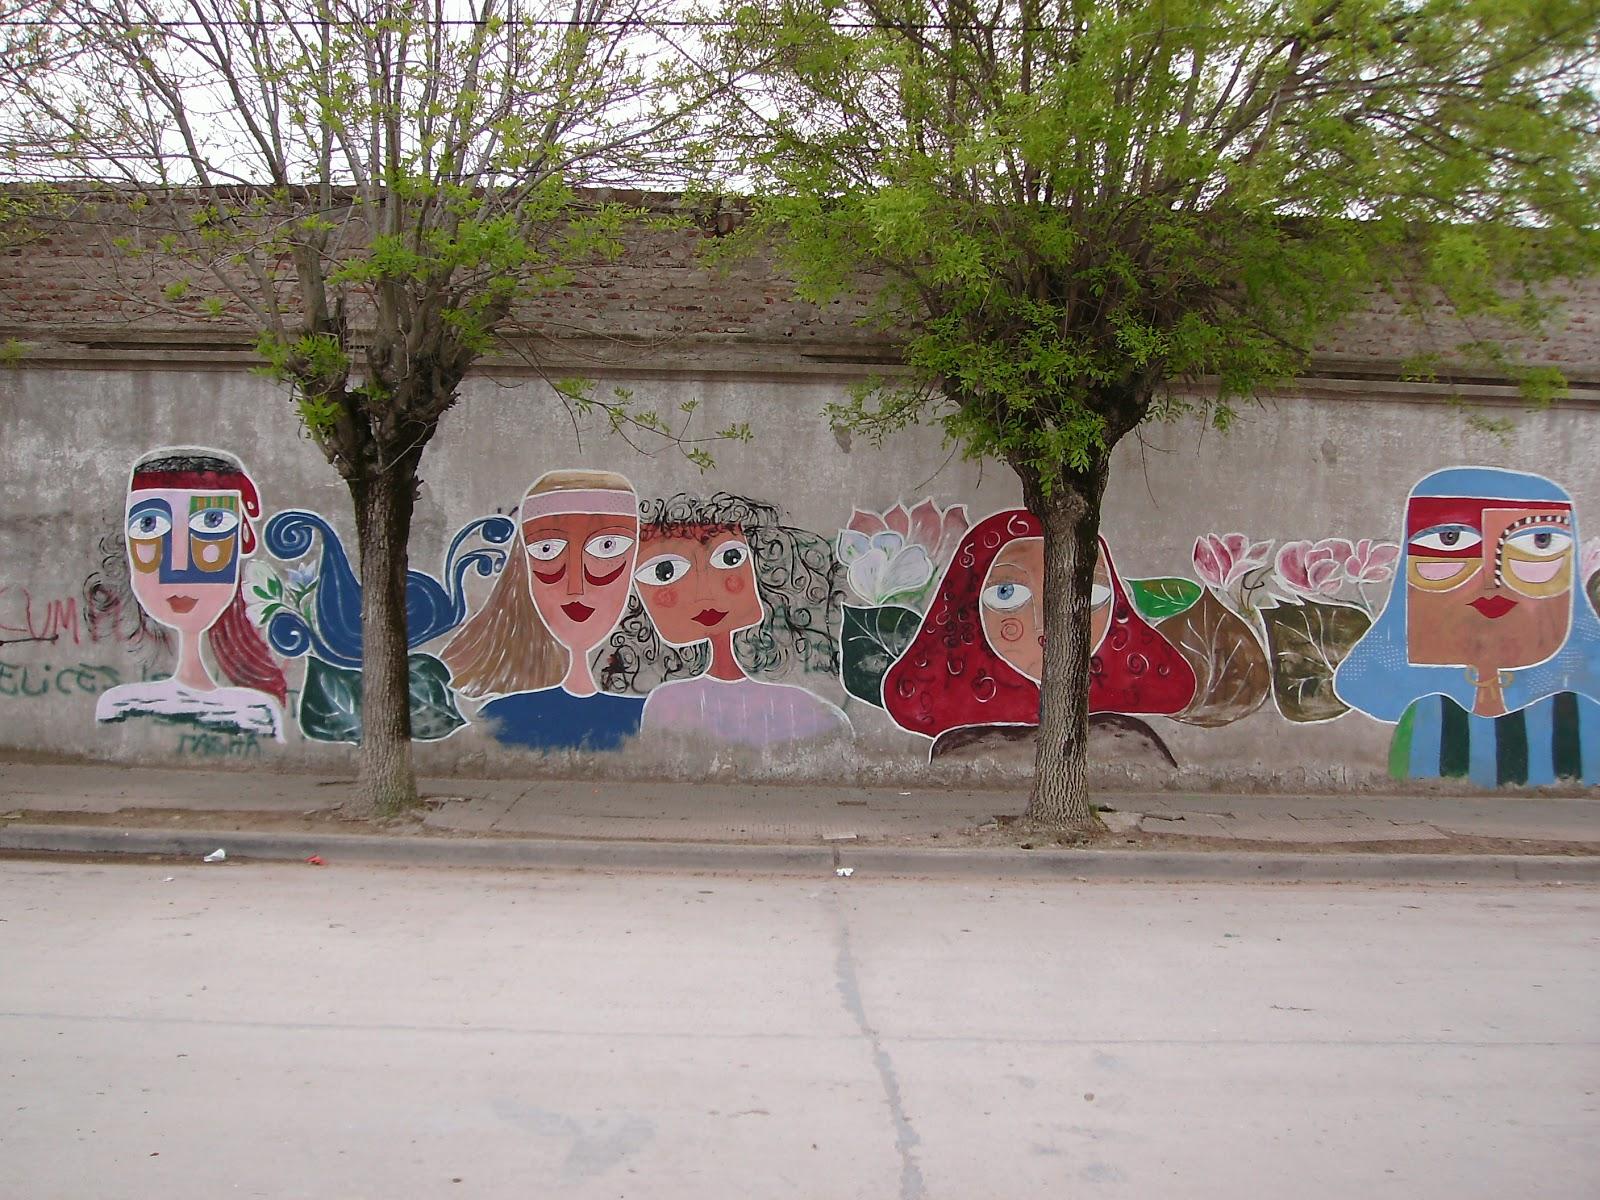 Copetonas pueblo abierto vidrieras murales y artesanos for Club joven mural